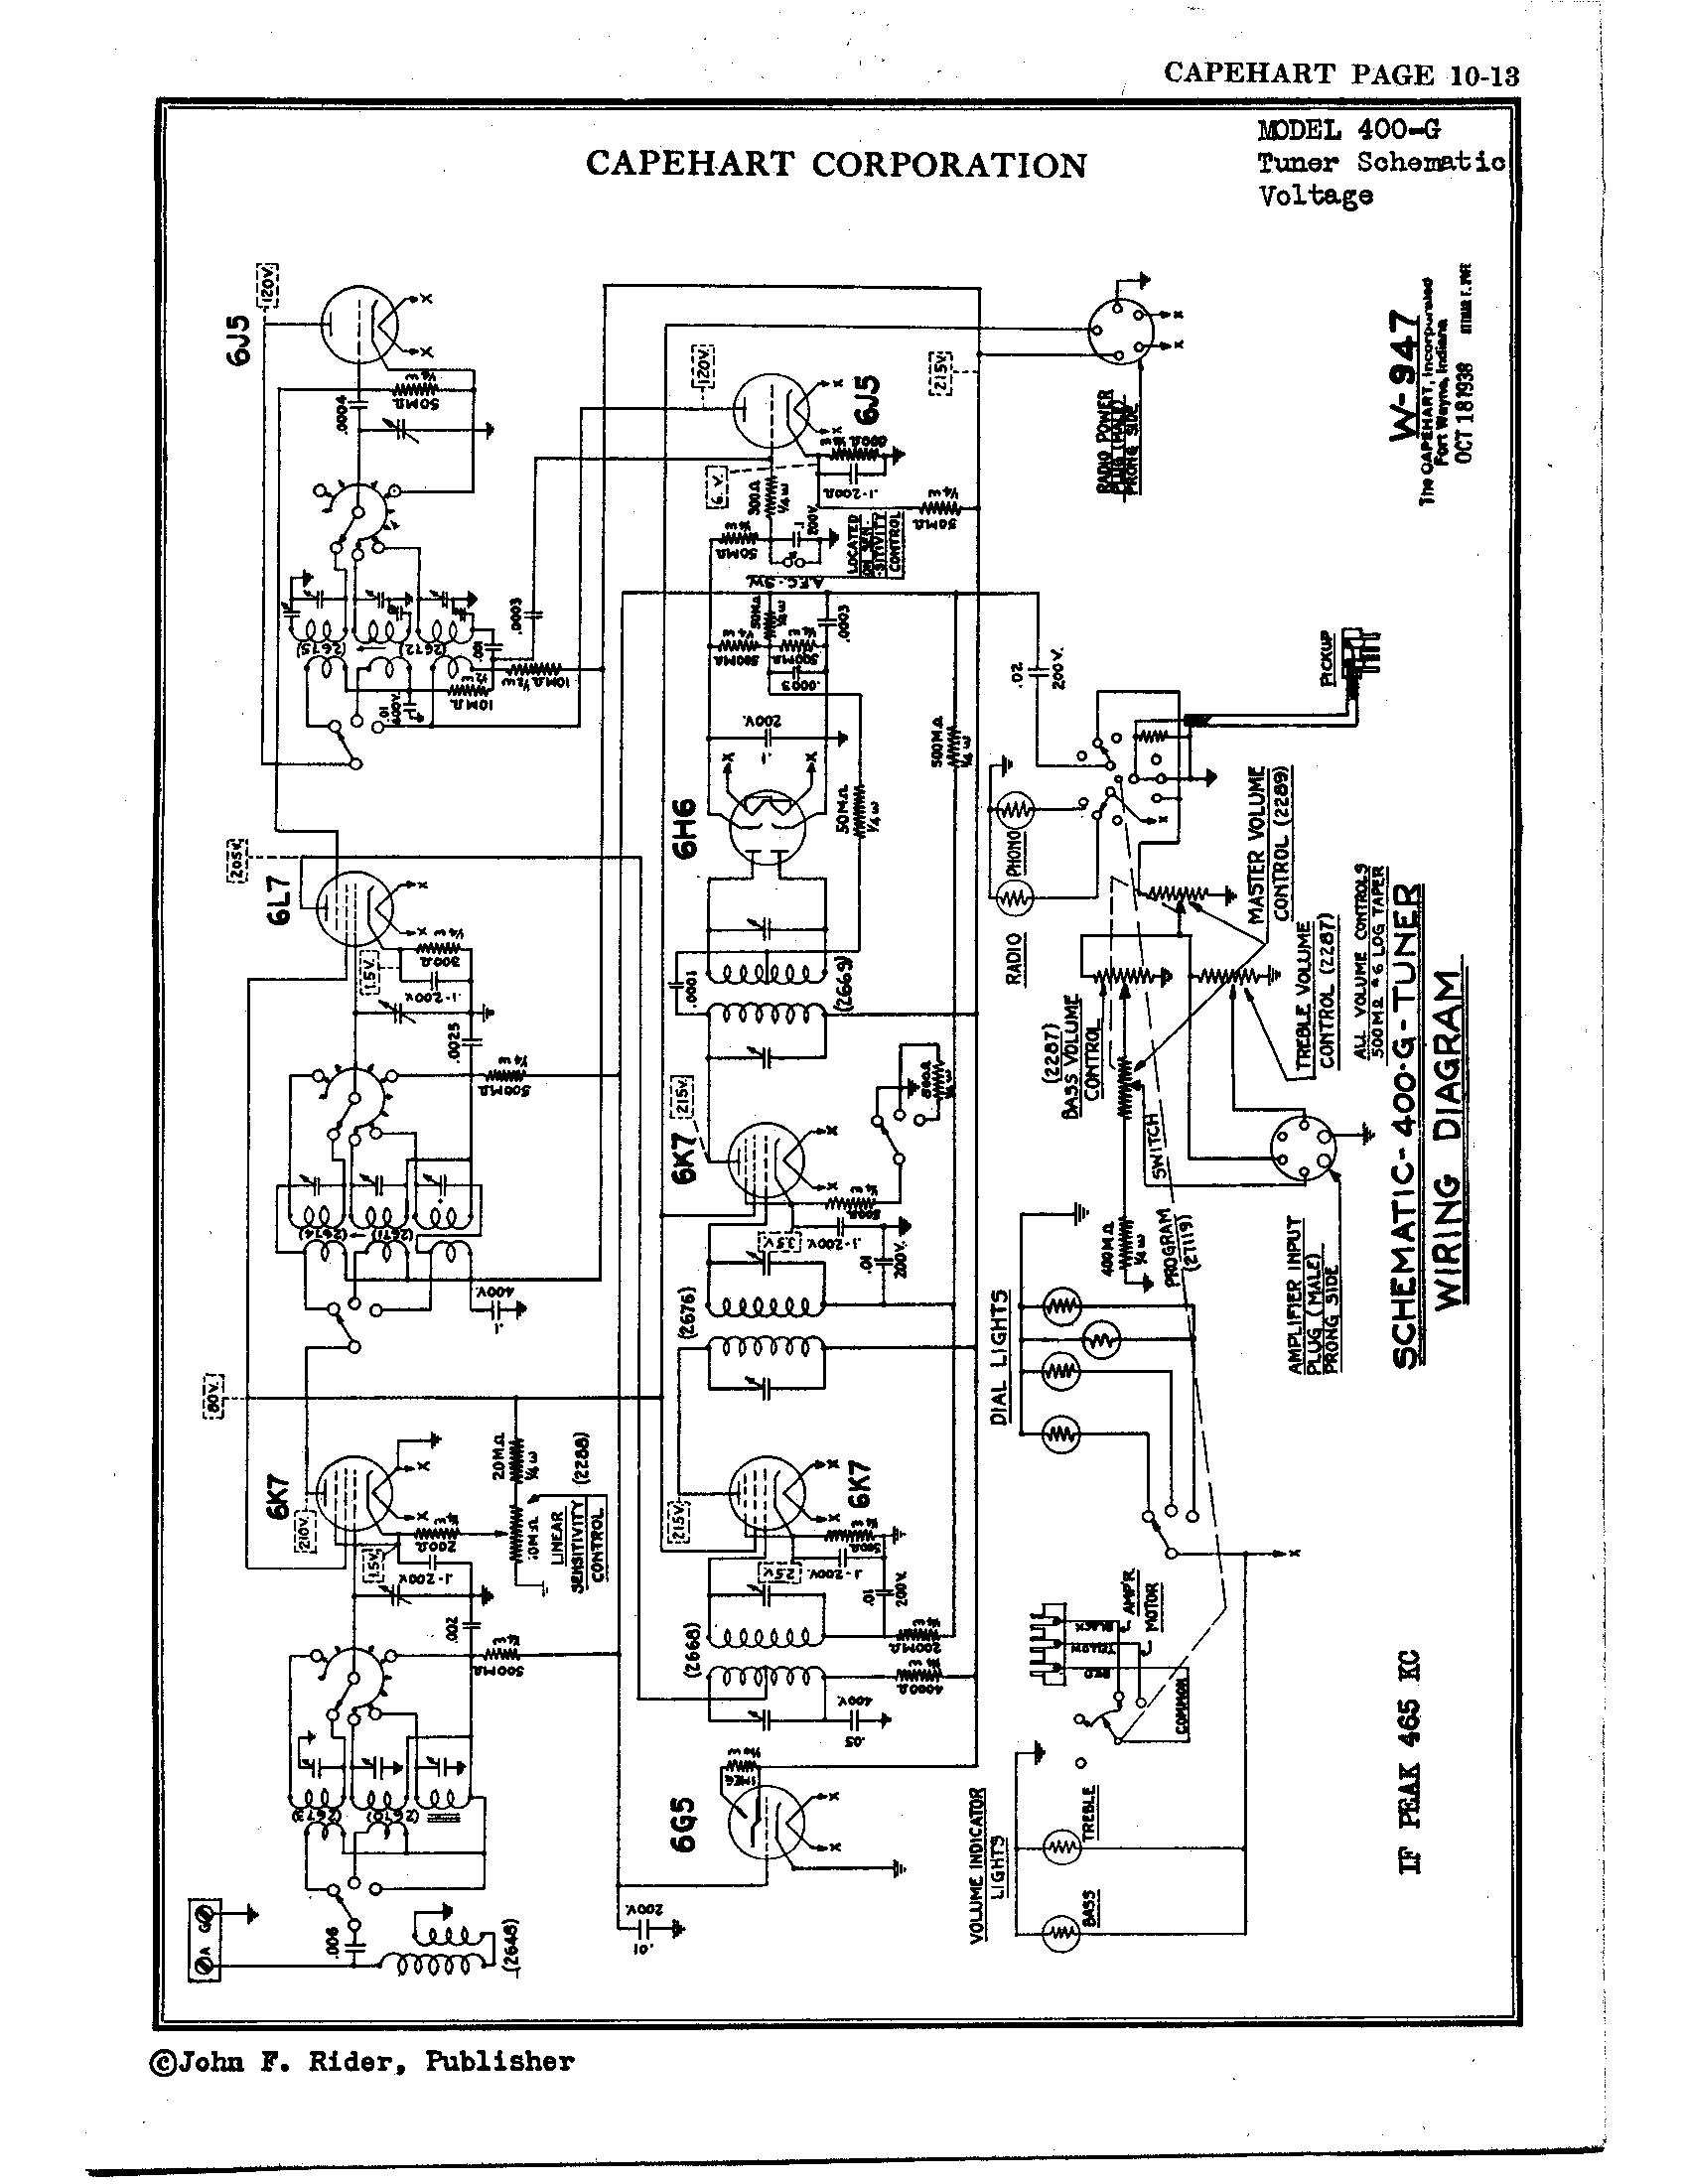 concertone zx600 wiring diagram